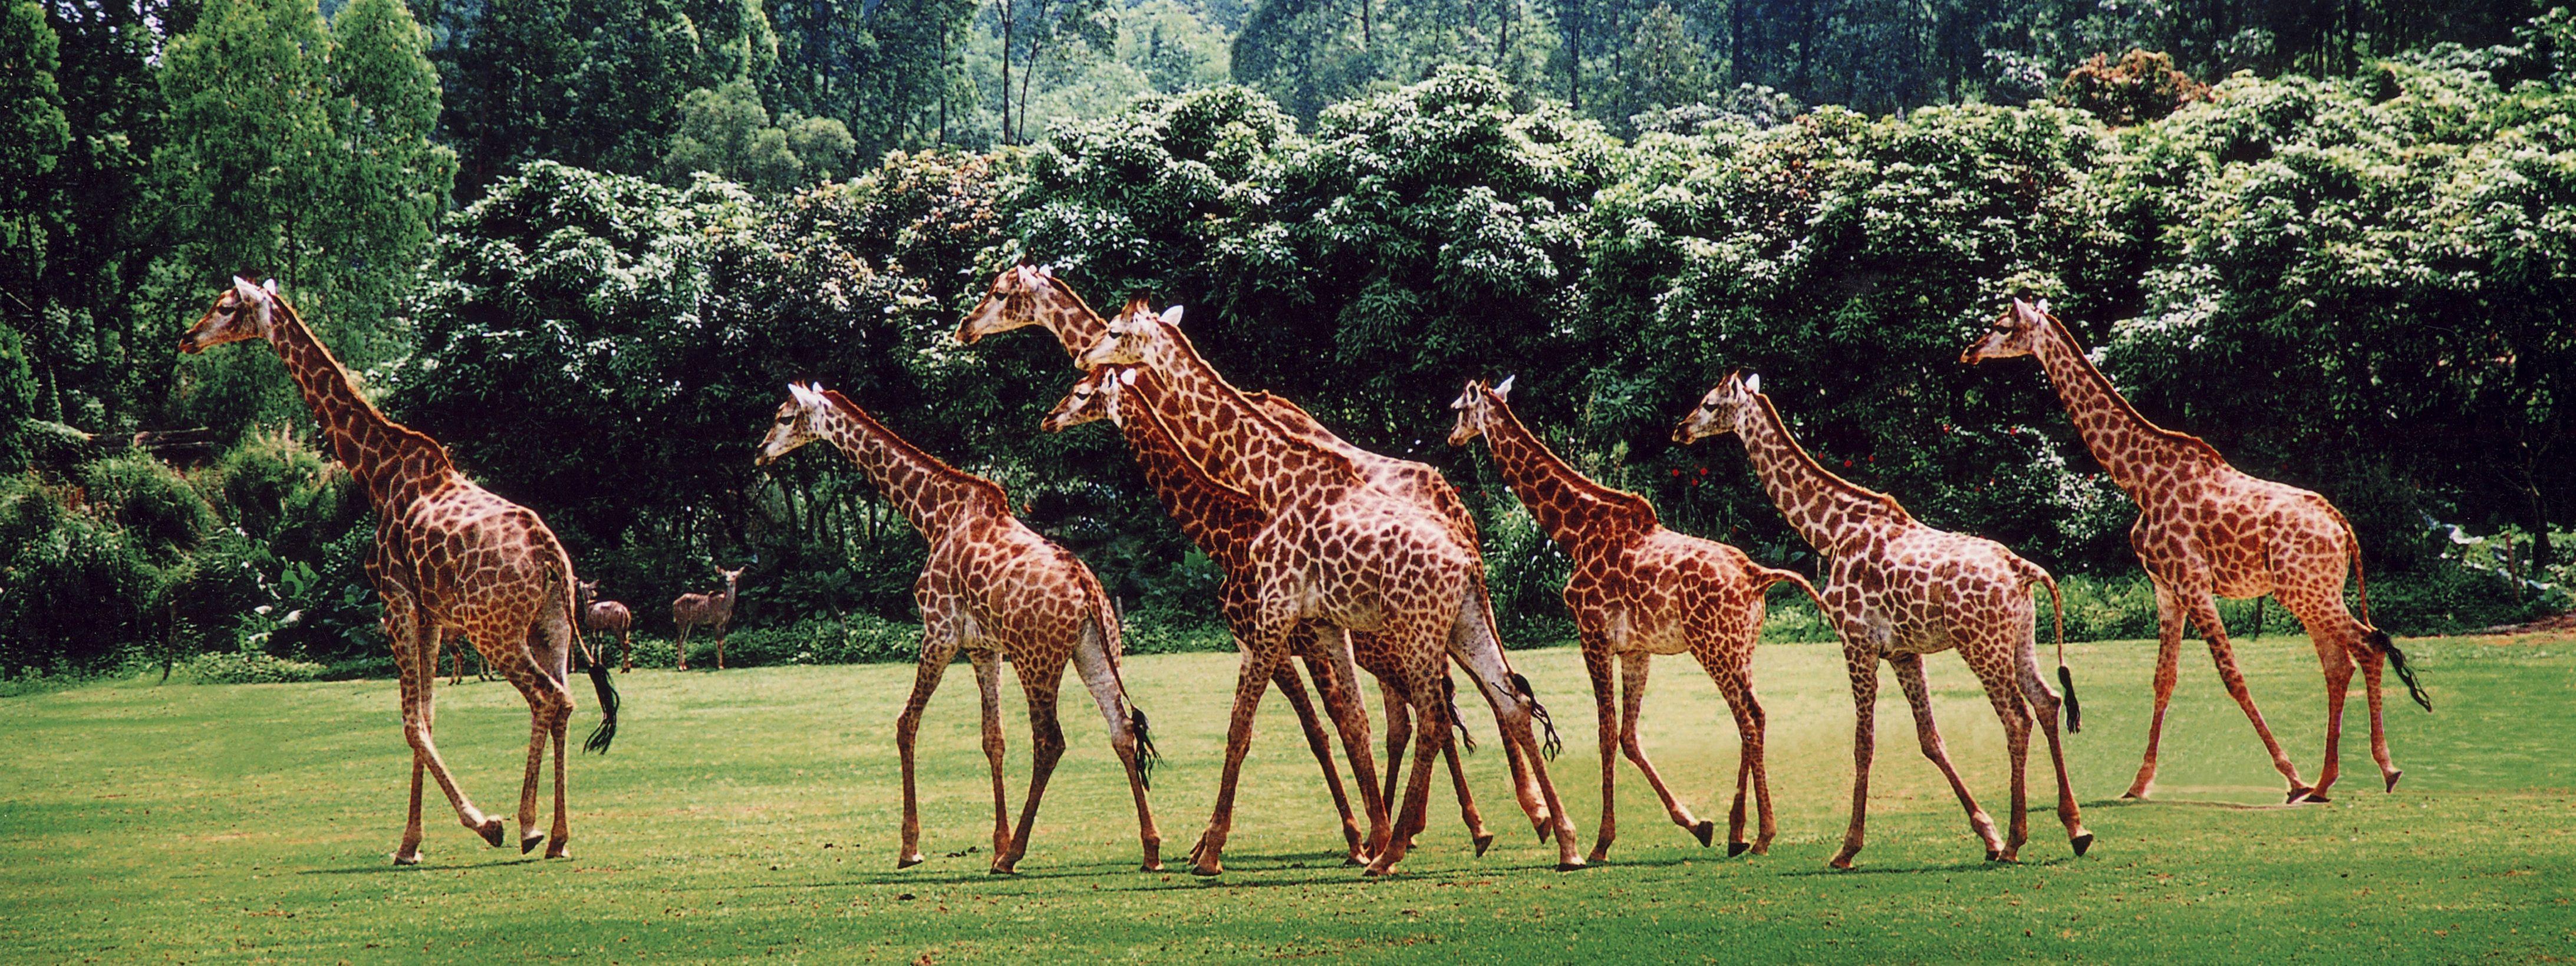 長隆野生動物園長頸鹿廣場